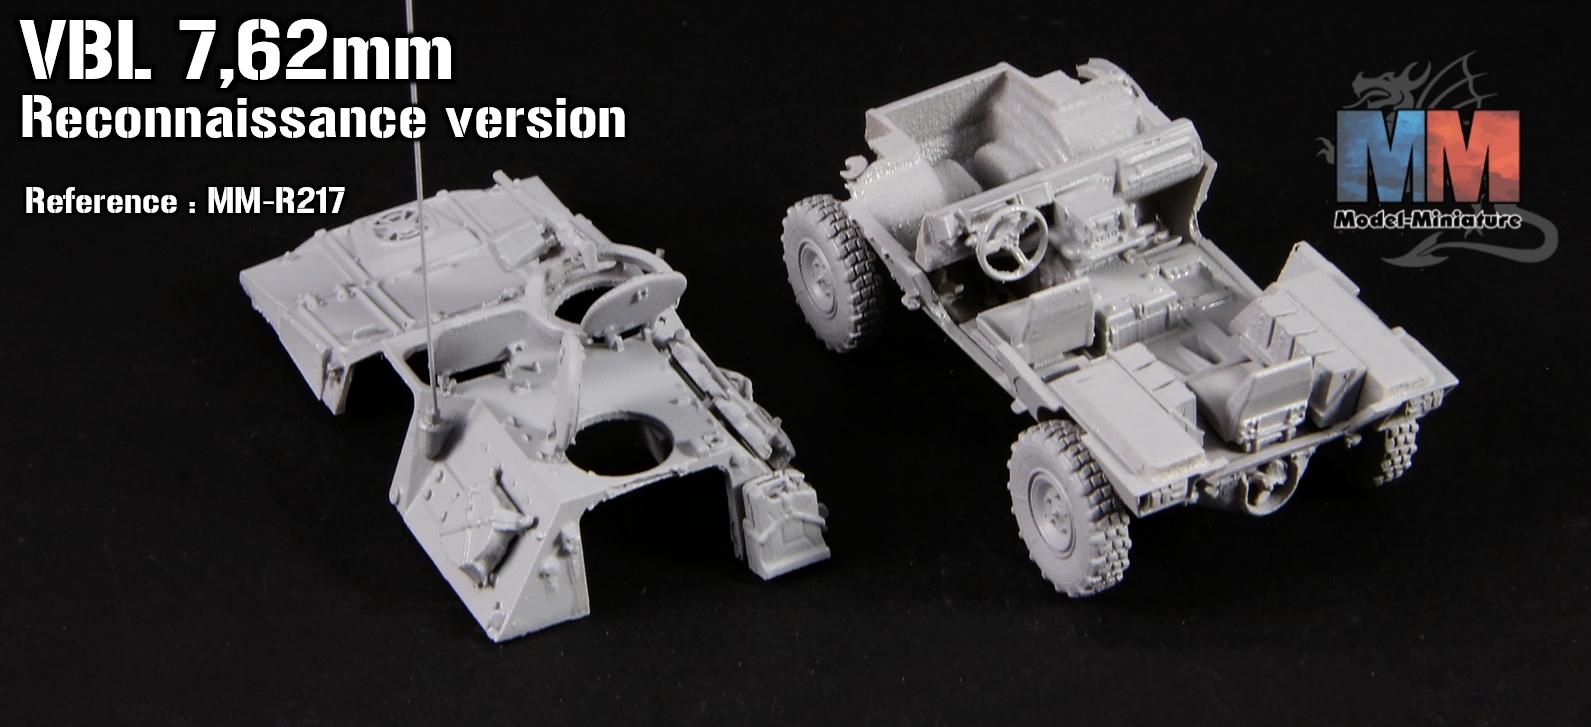 VBL 7.62mm (reconnaissance vehicule)